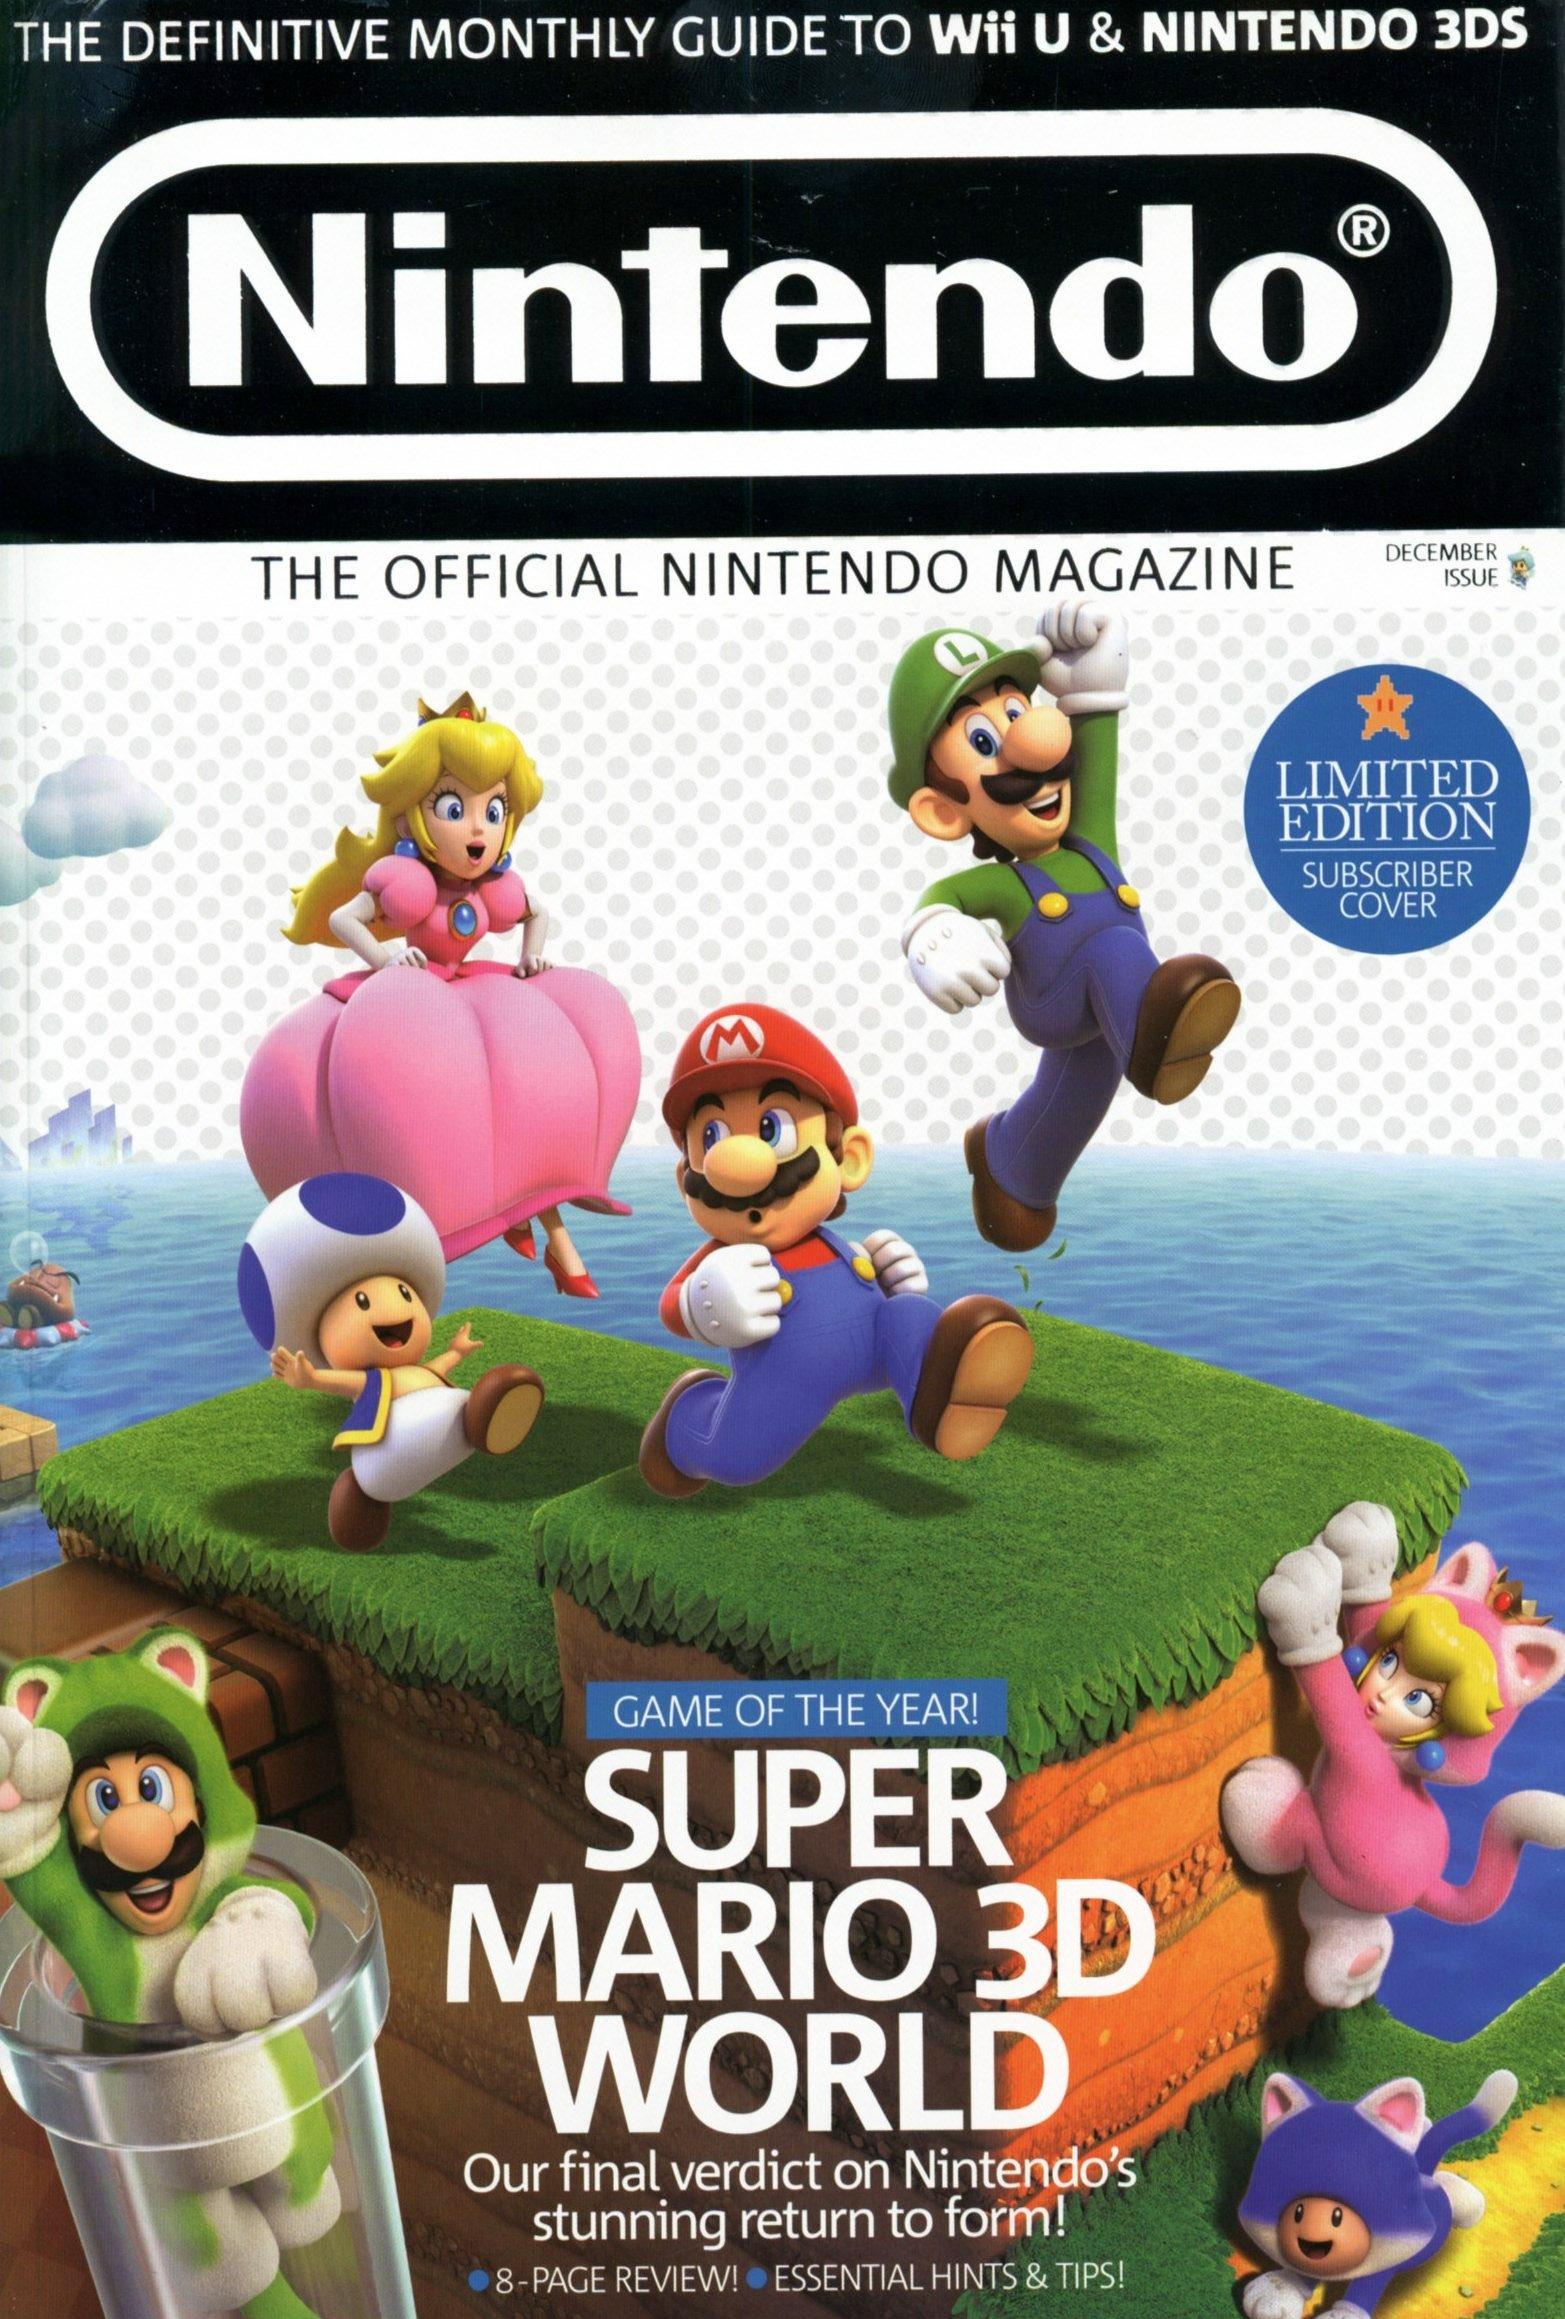 Official Nintendo Magazine 102 (December 2013) (subscriber cover)